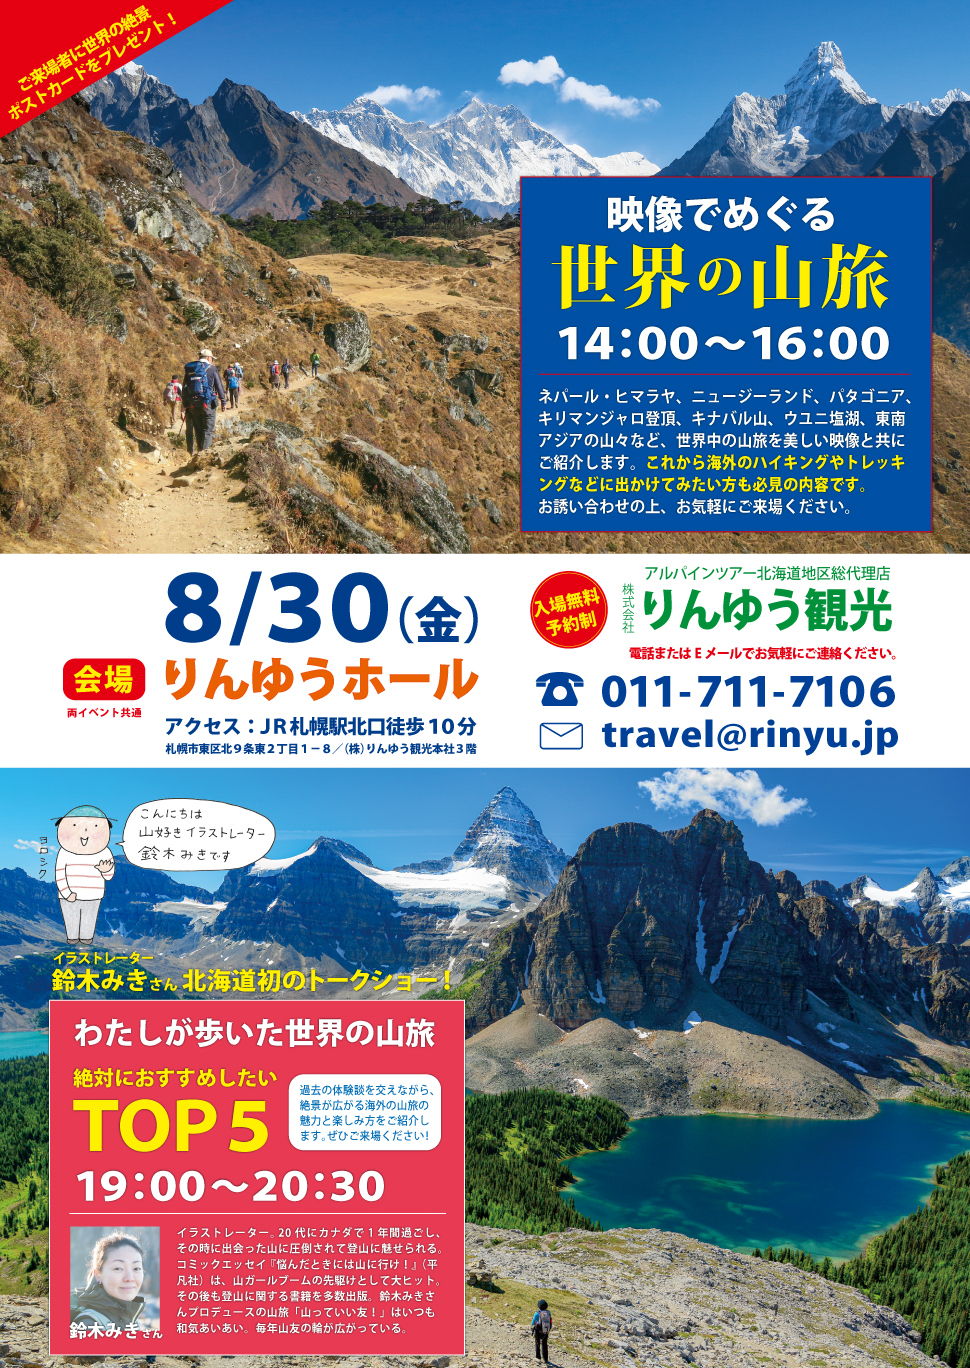 【札幌】「映像でめぐる世界の山旅」&「鈴木みきさんトークショー」開催